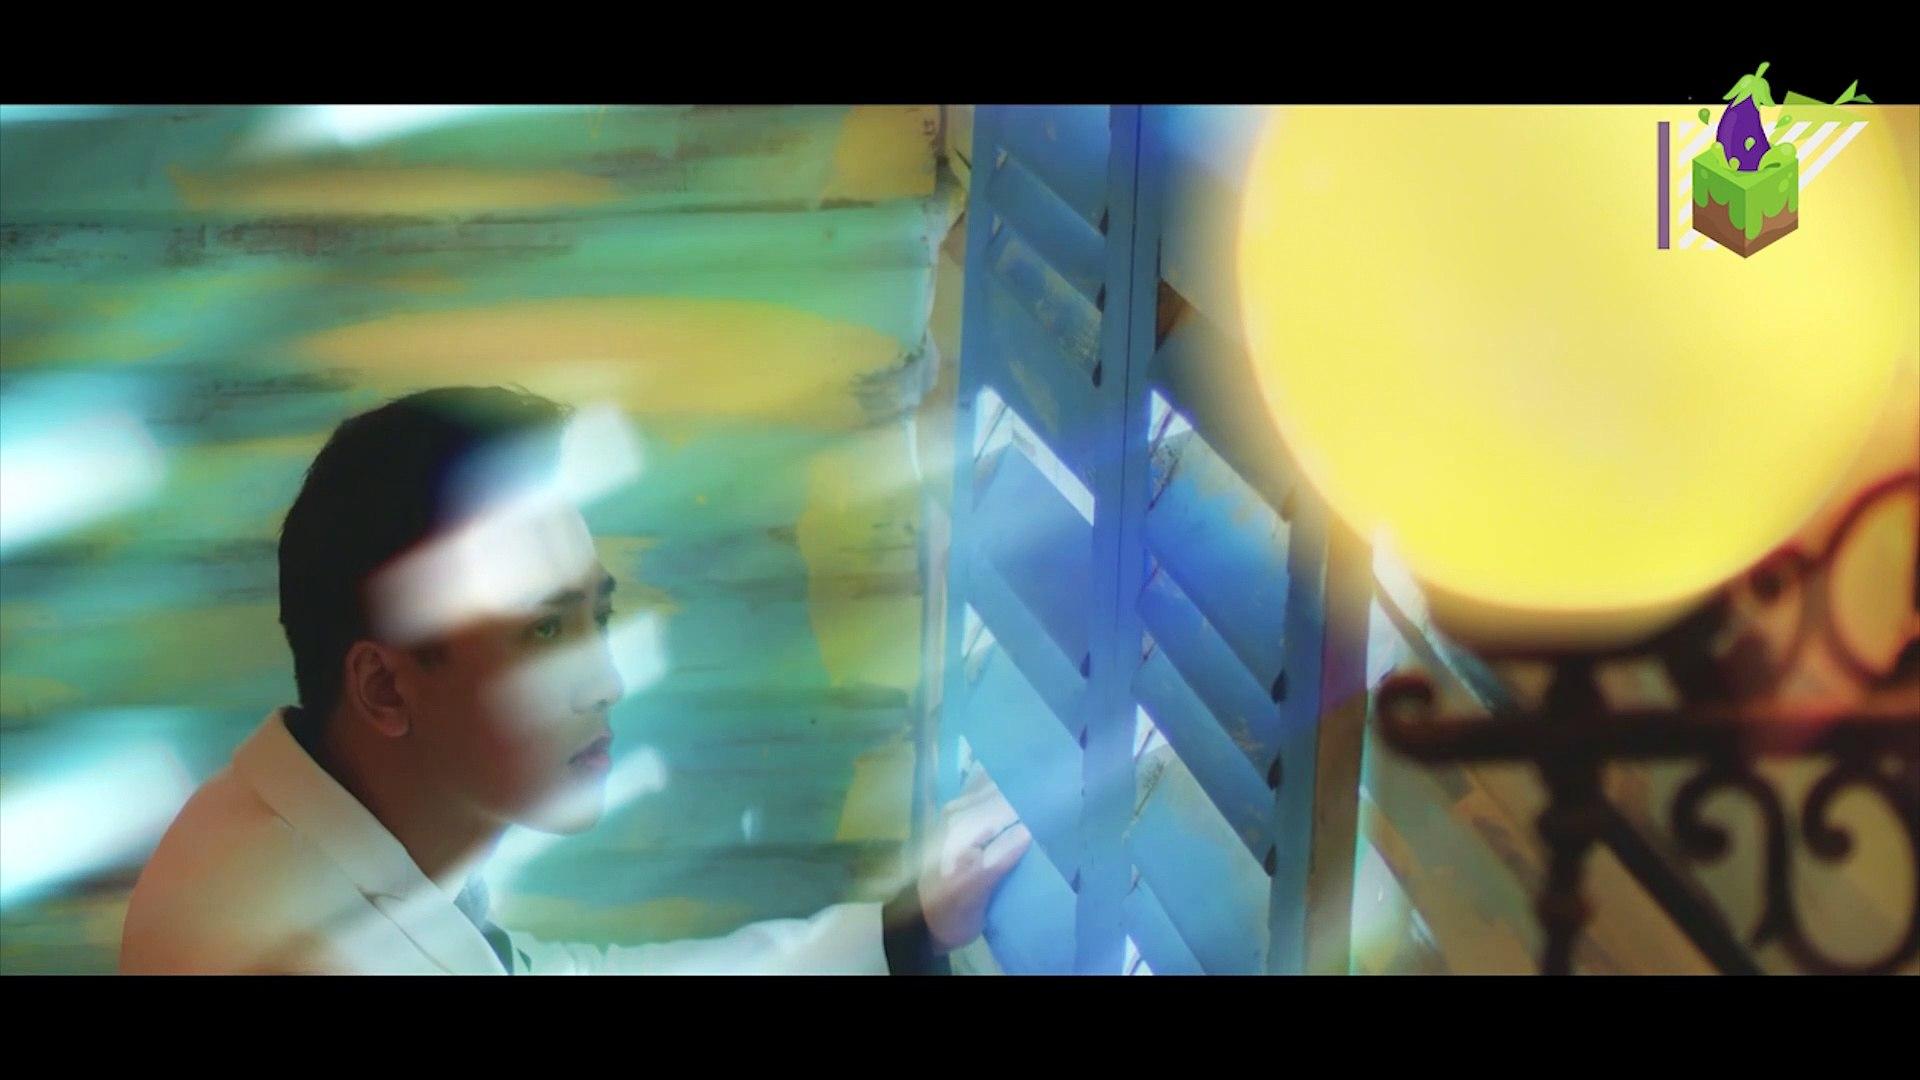 [Karaoke] Xa Một Trời Thương Nhớ - Châu Khải Phong [Beat]